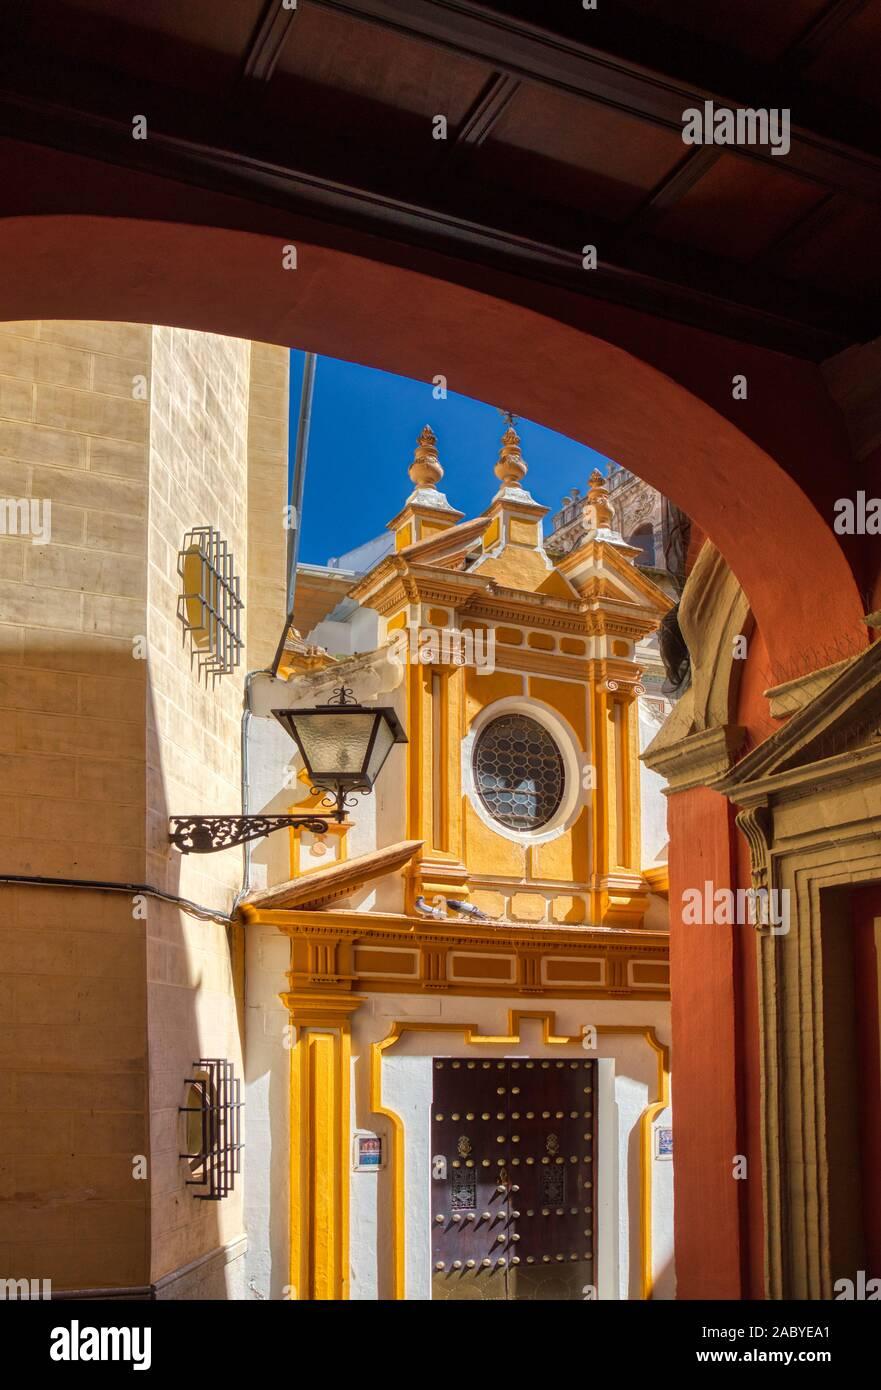 Santa Cruz, el antiguo barrio judío de Sevilla Andalucía España Foto de stock